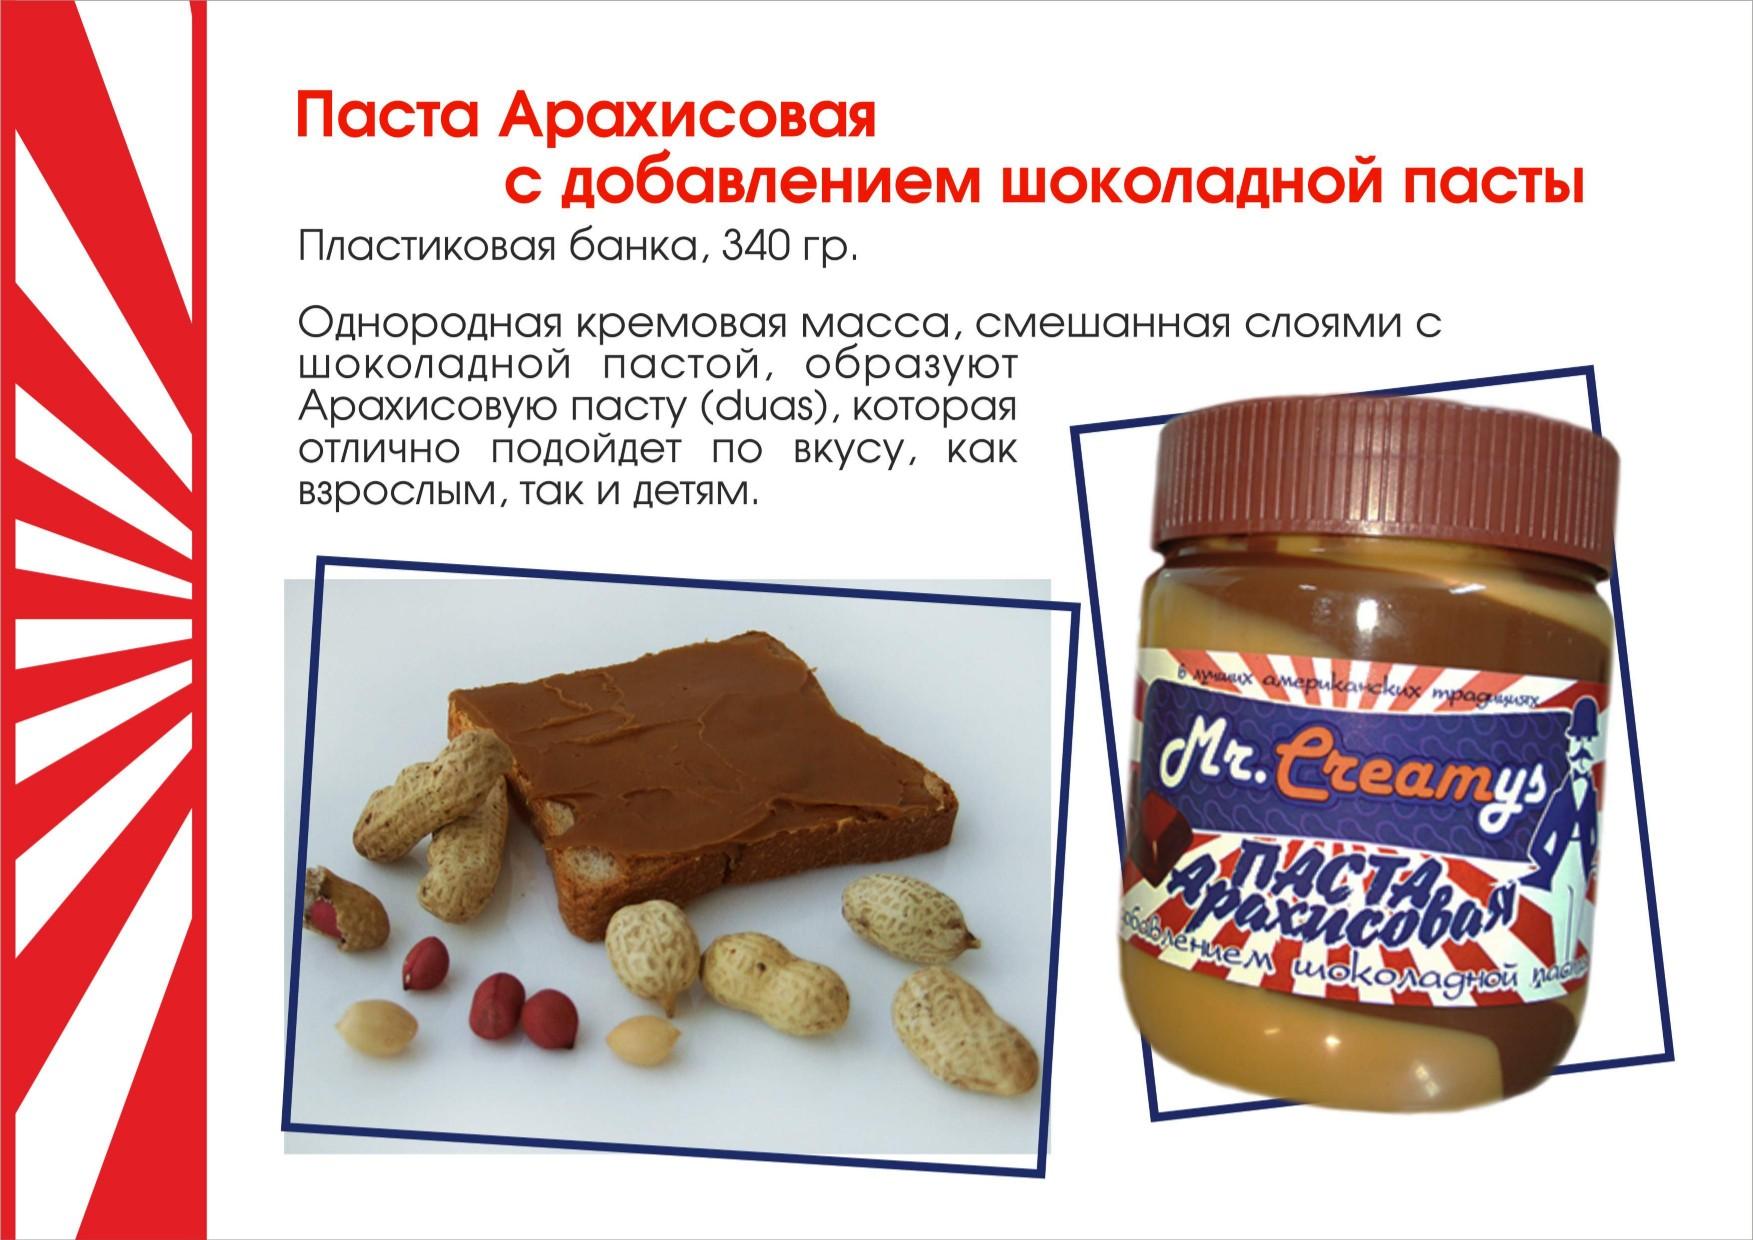 Хотя бы раз нужно попробовать!!! Натуральная арахисовая паста ВСЕГО 160р. за 340гр.